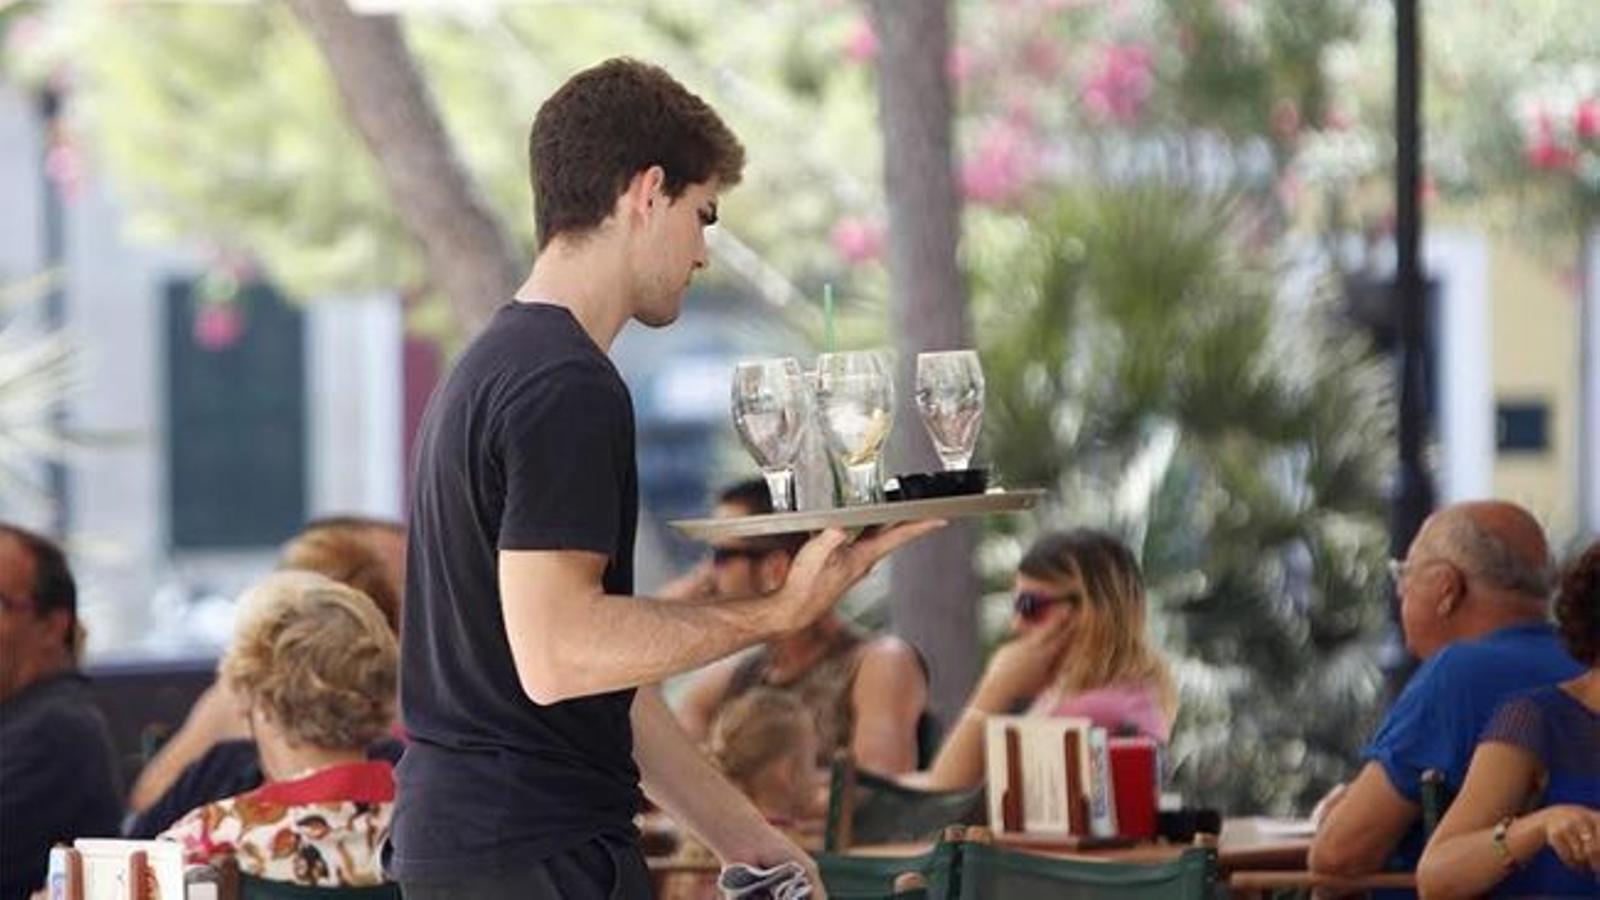 Només 21 de cada 100 joves s'han independitzat dels pares a Catalunya